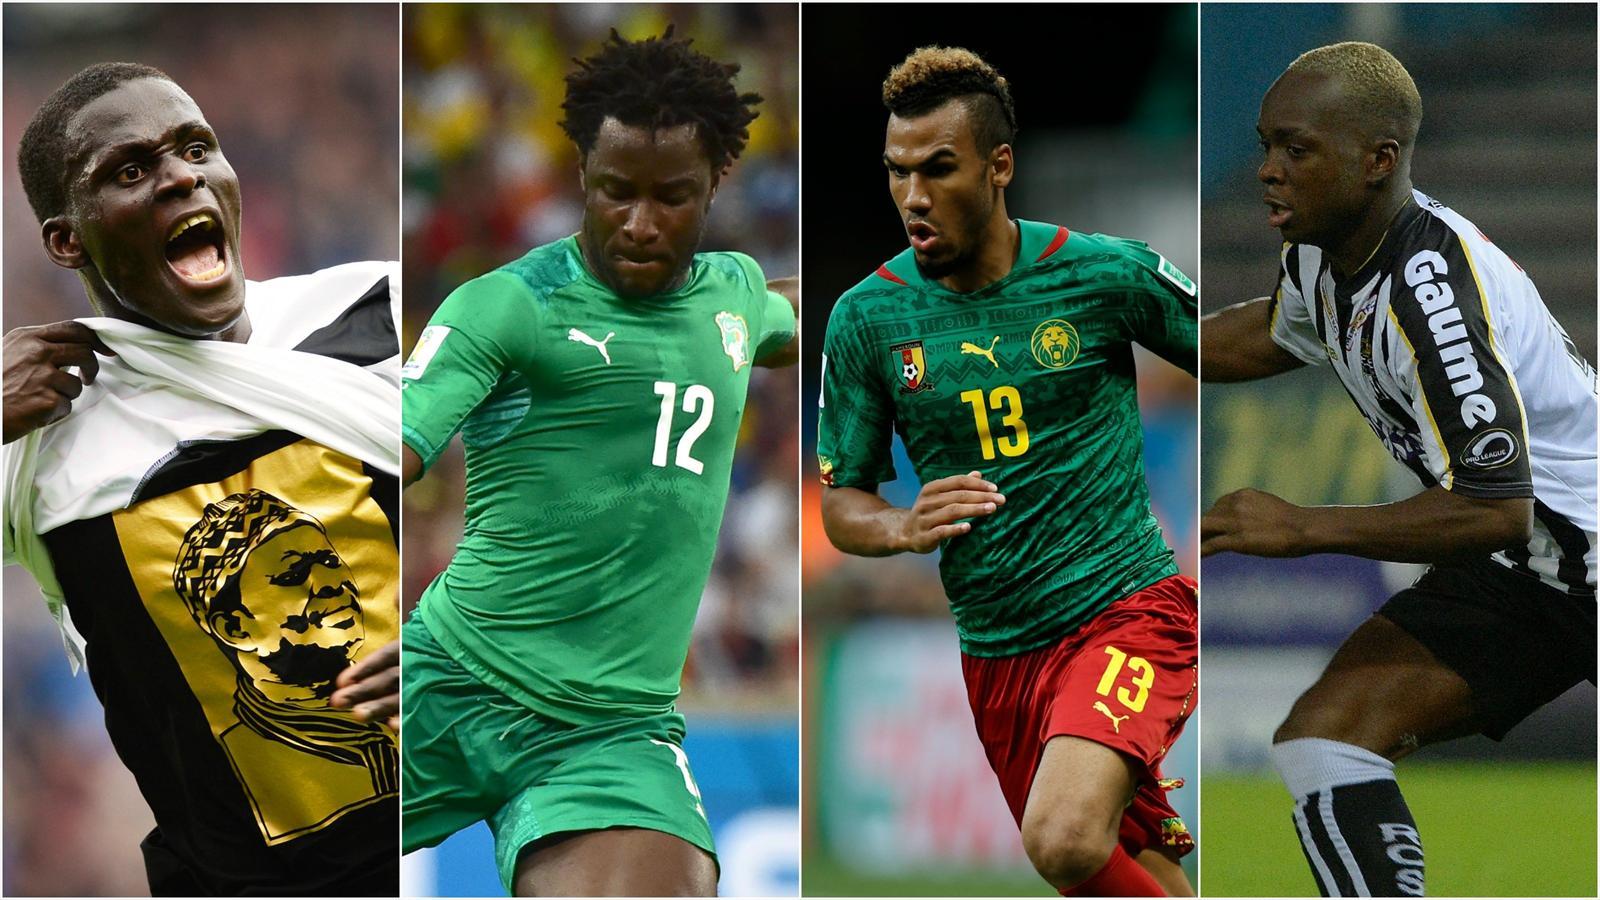 Coupe d 39 afrique des nations les 6 joueurs qu 39 on vous conseille de suivre de tr s pr s durant la - Resultat foot coupe d afrique ...